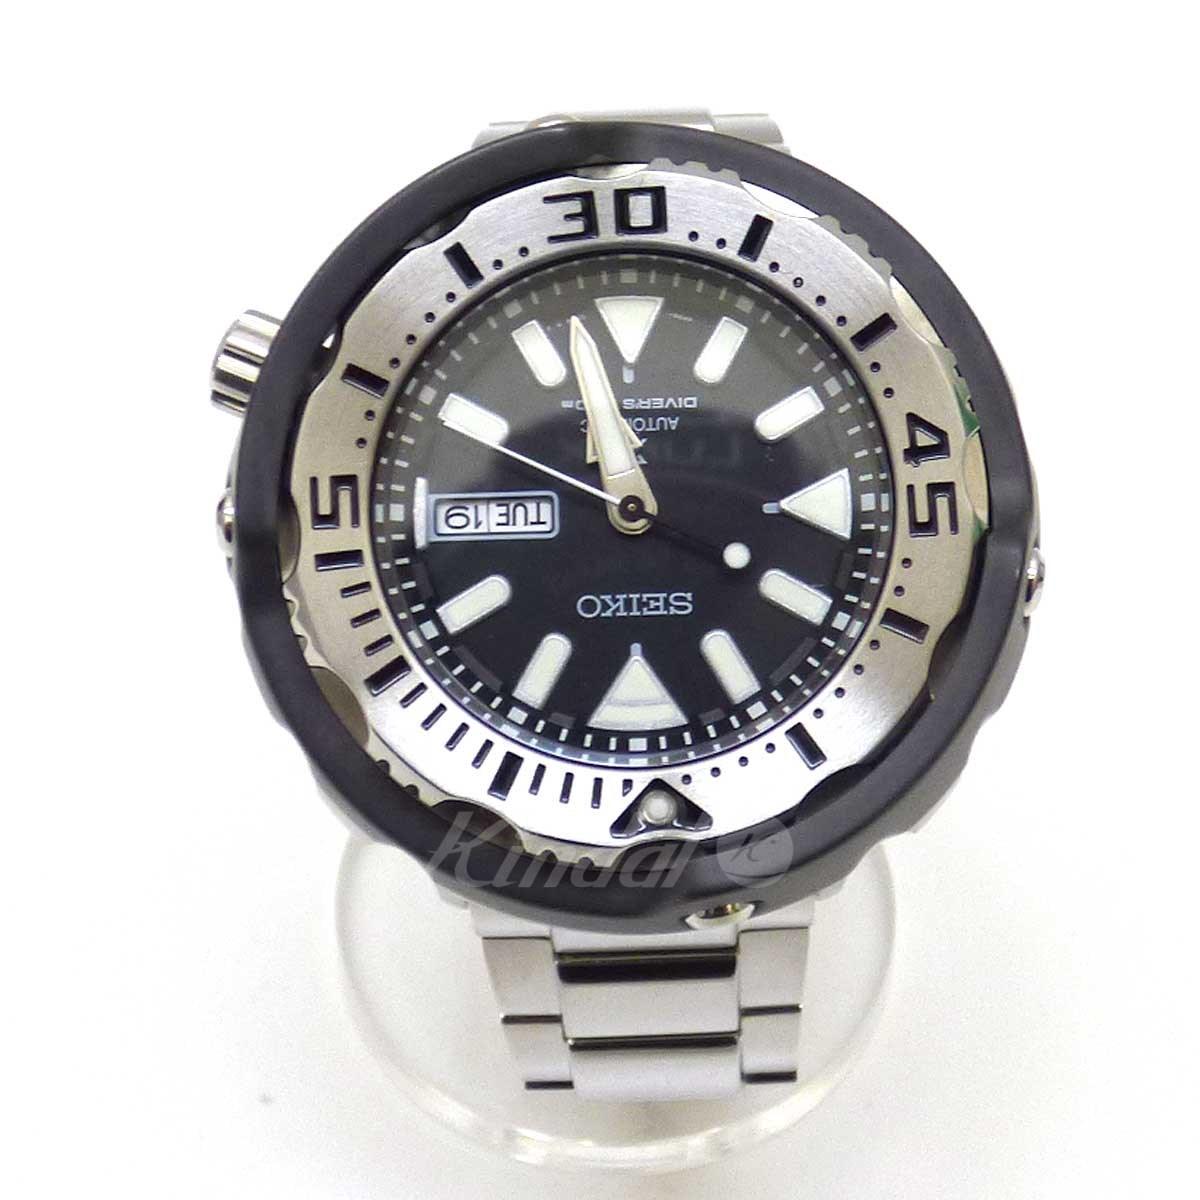 【中古】SEIKO Automatic Diver 200 プロスペックス SRPA79K 日本未発売 自動巻き ブラック×シルバー 【送料無料】 【140319】(セイコー)